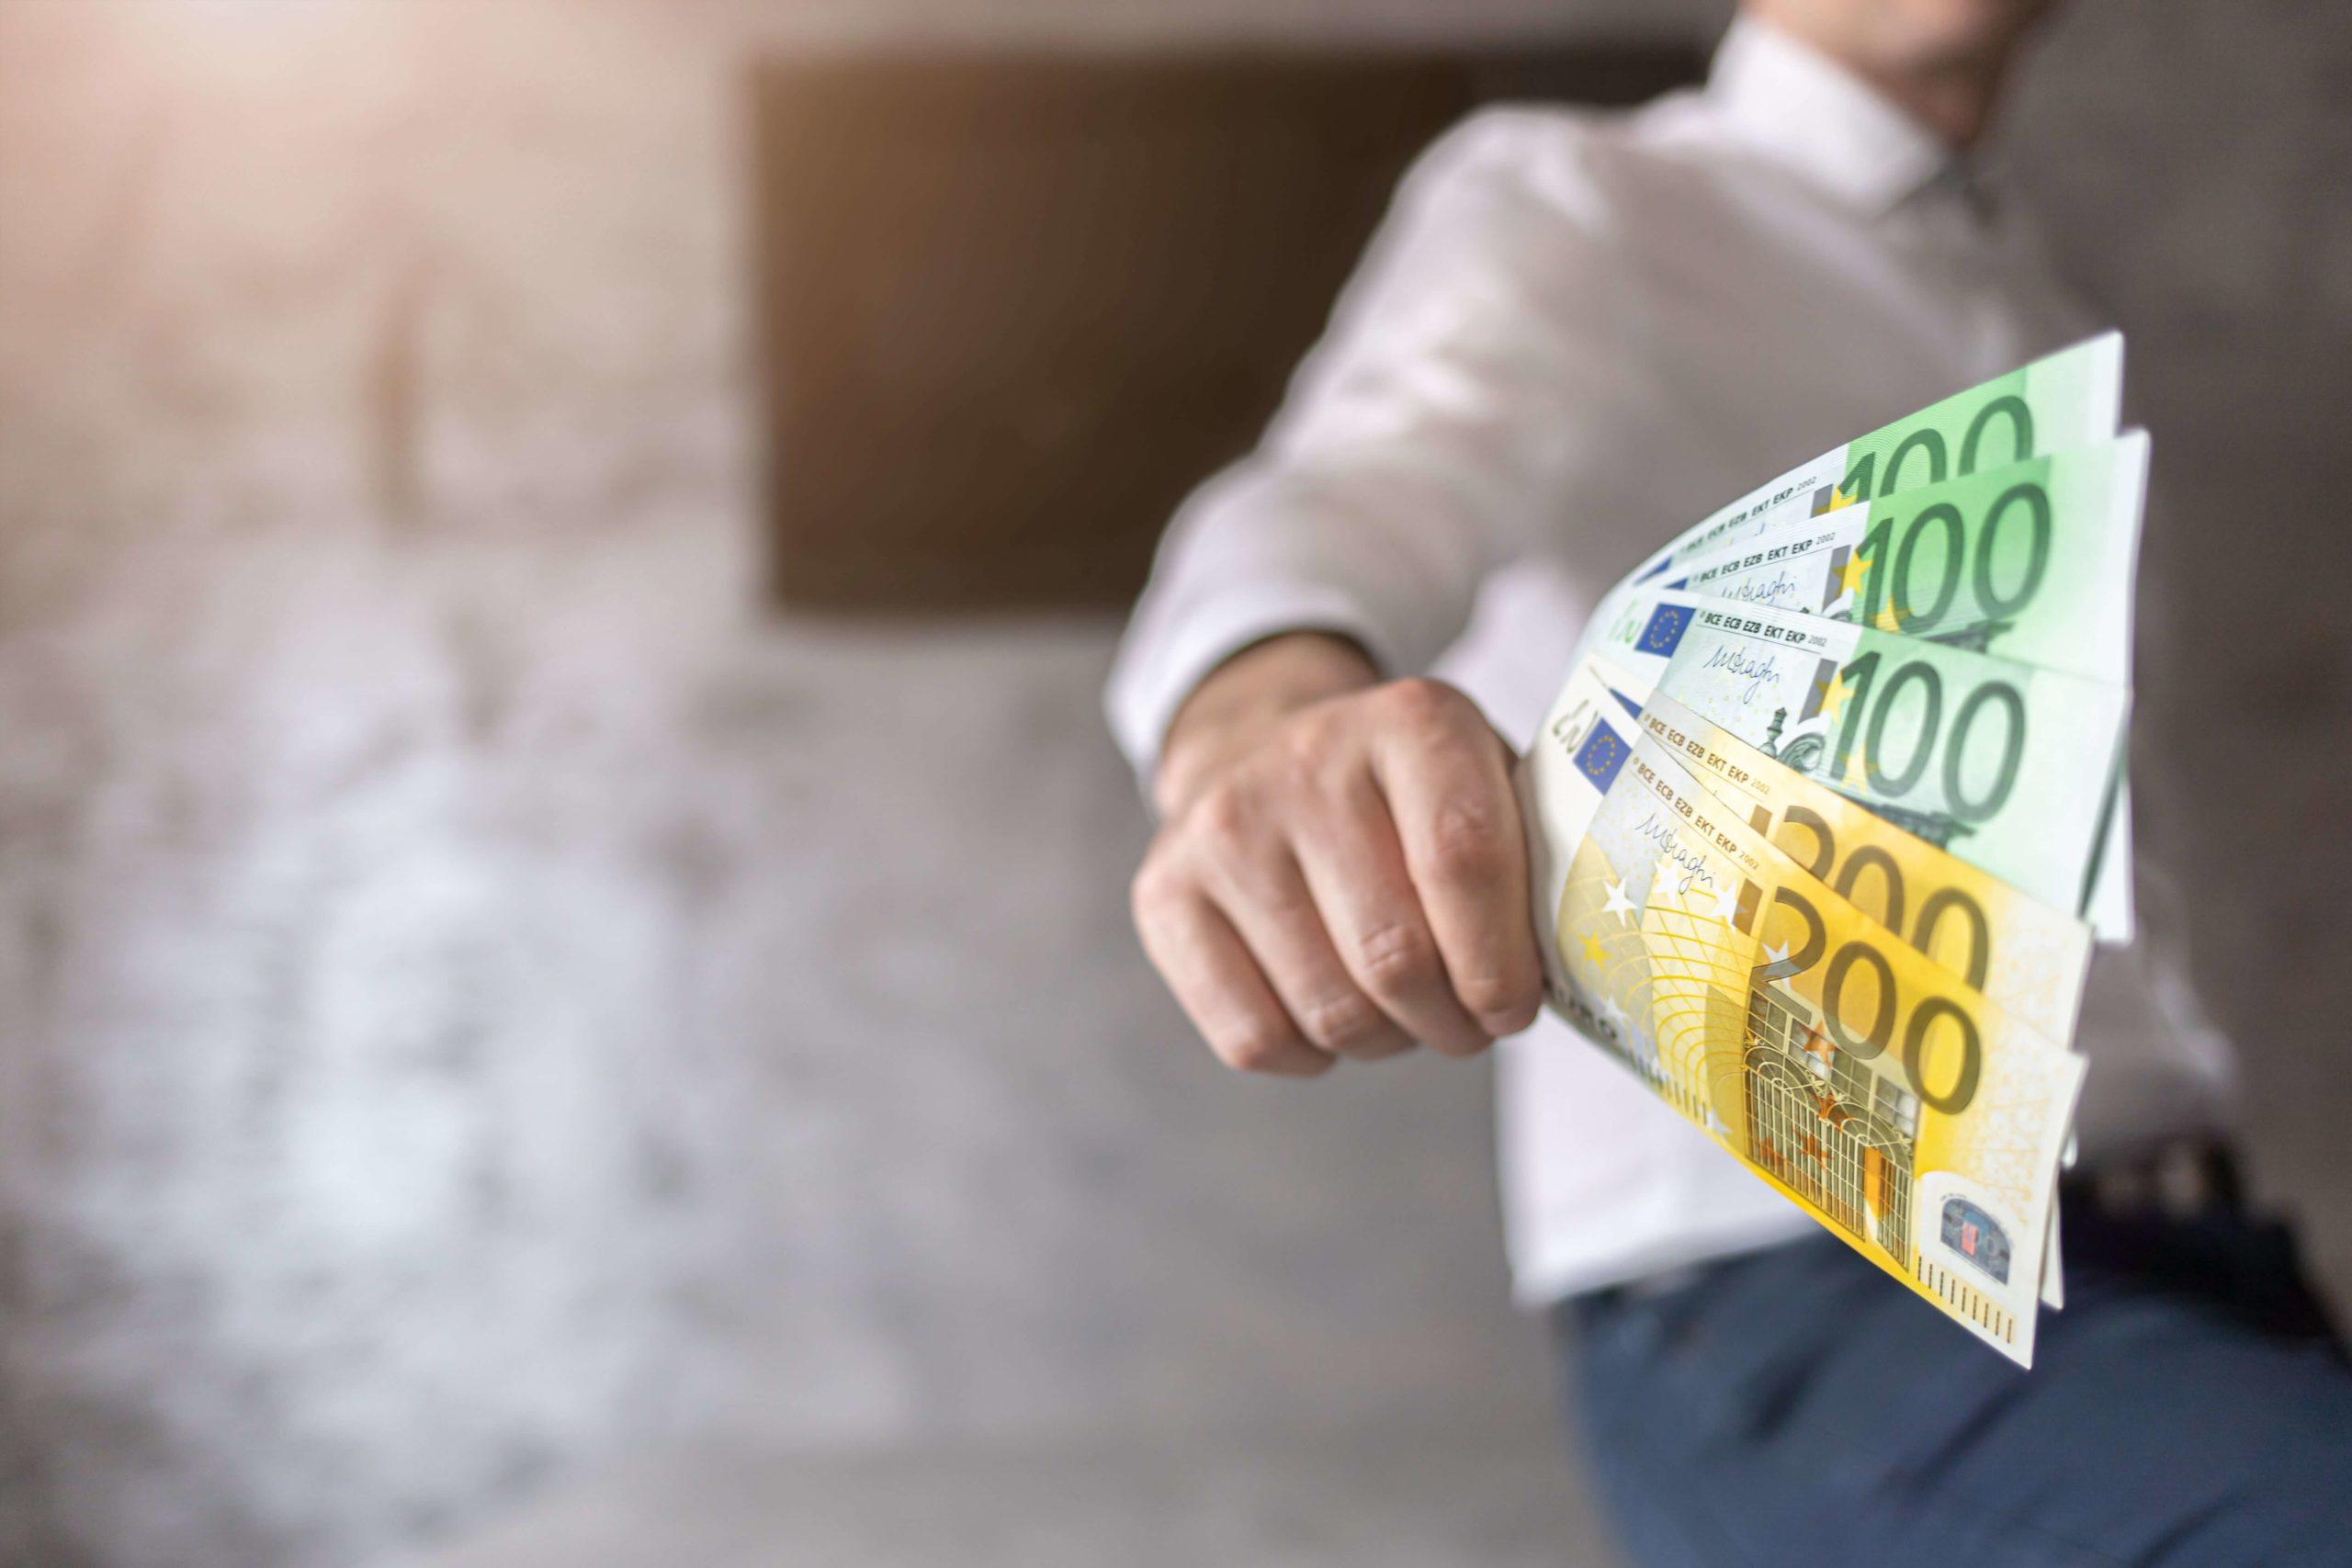 Schnellkredit online beantragen - Kreditkanzlei